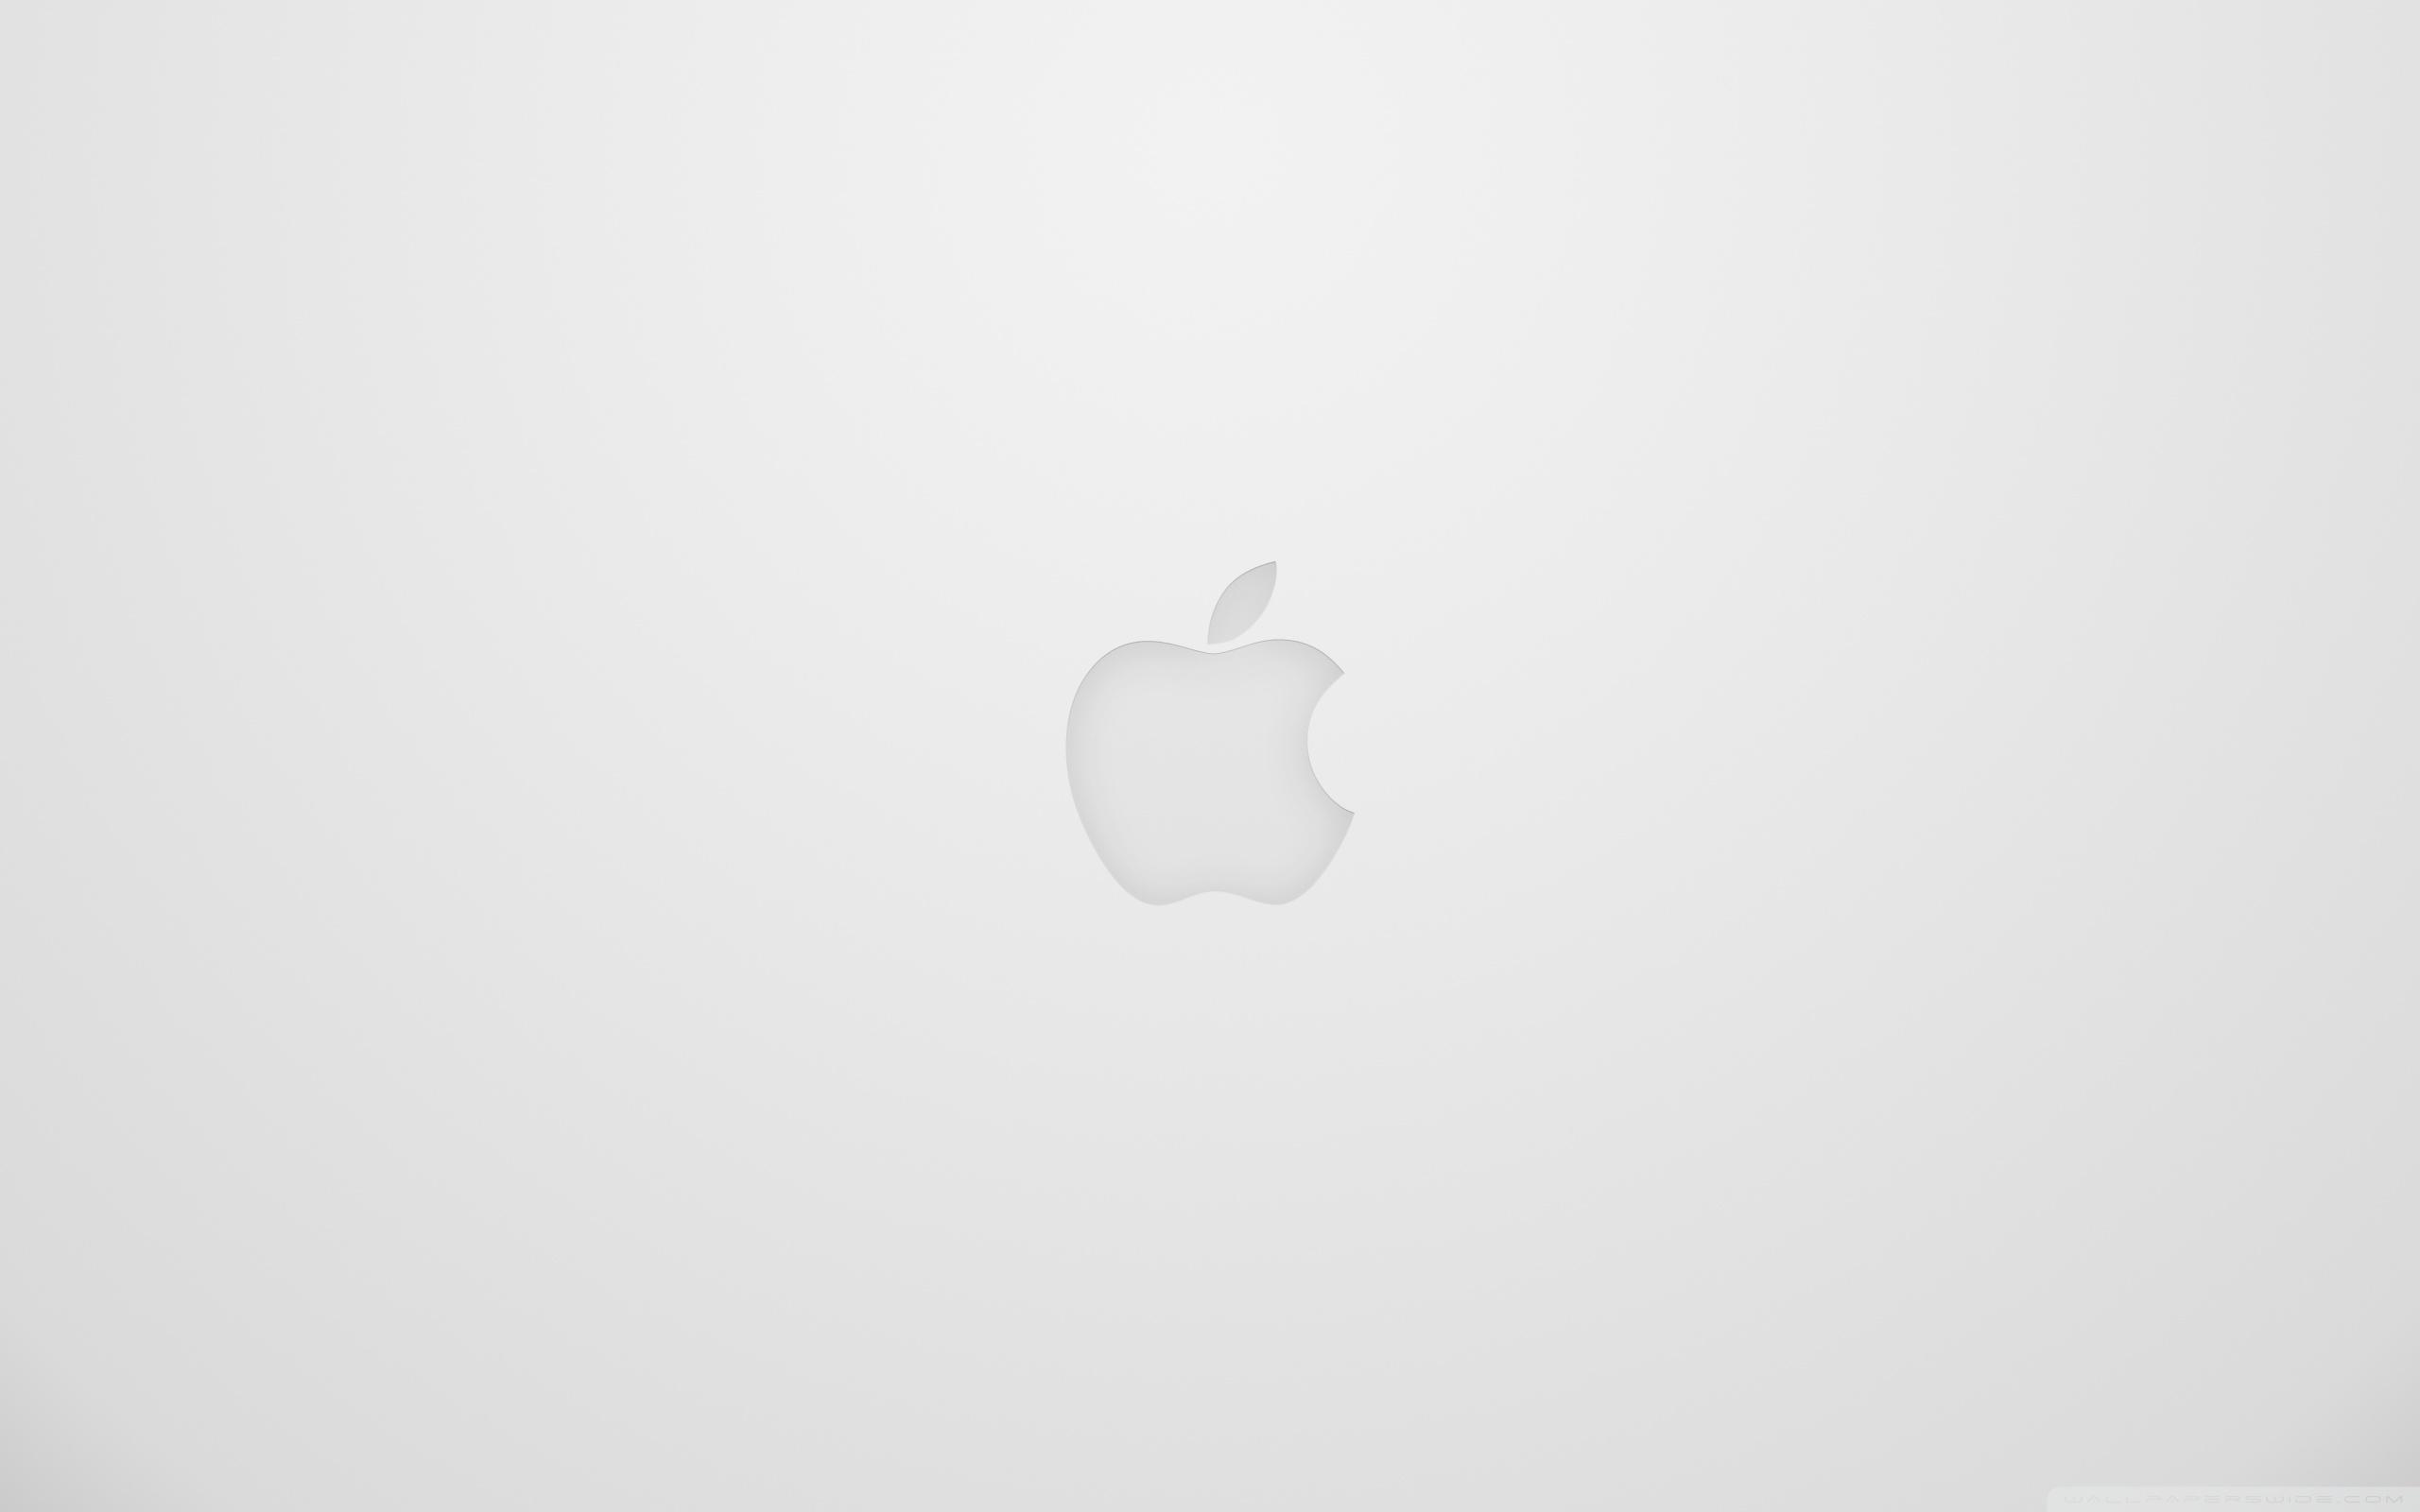 White Apple Logo Wallpaper